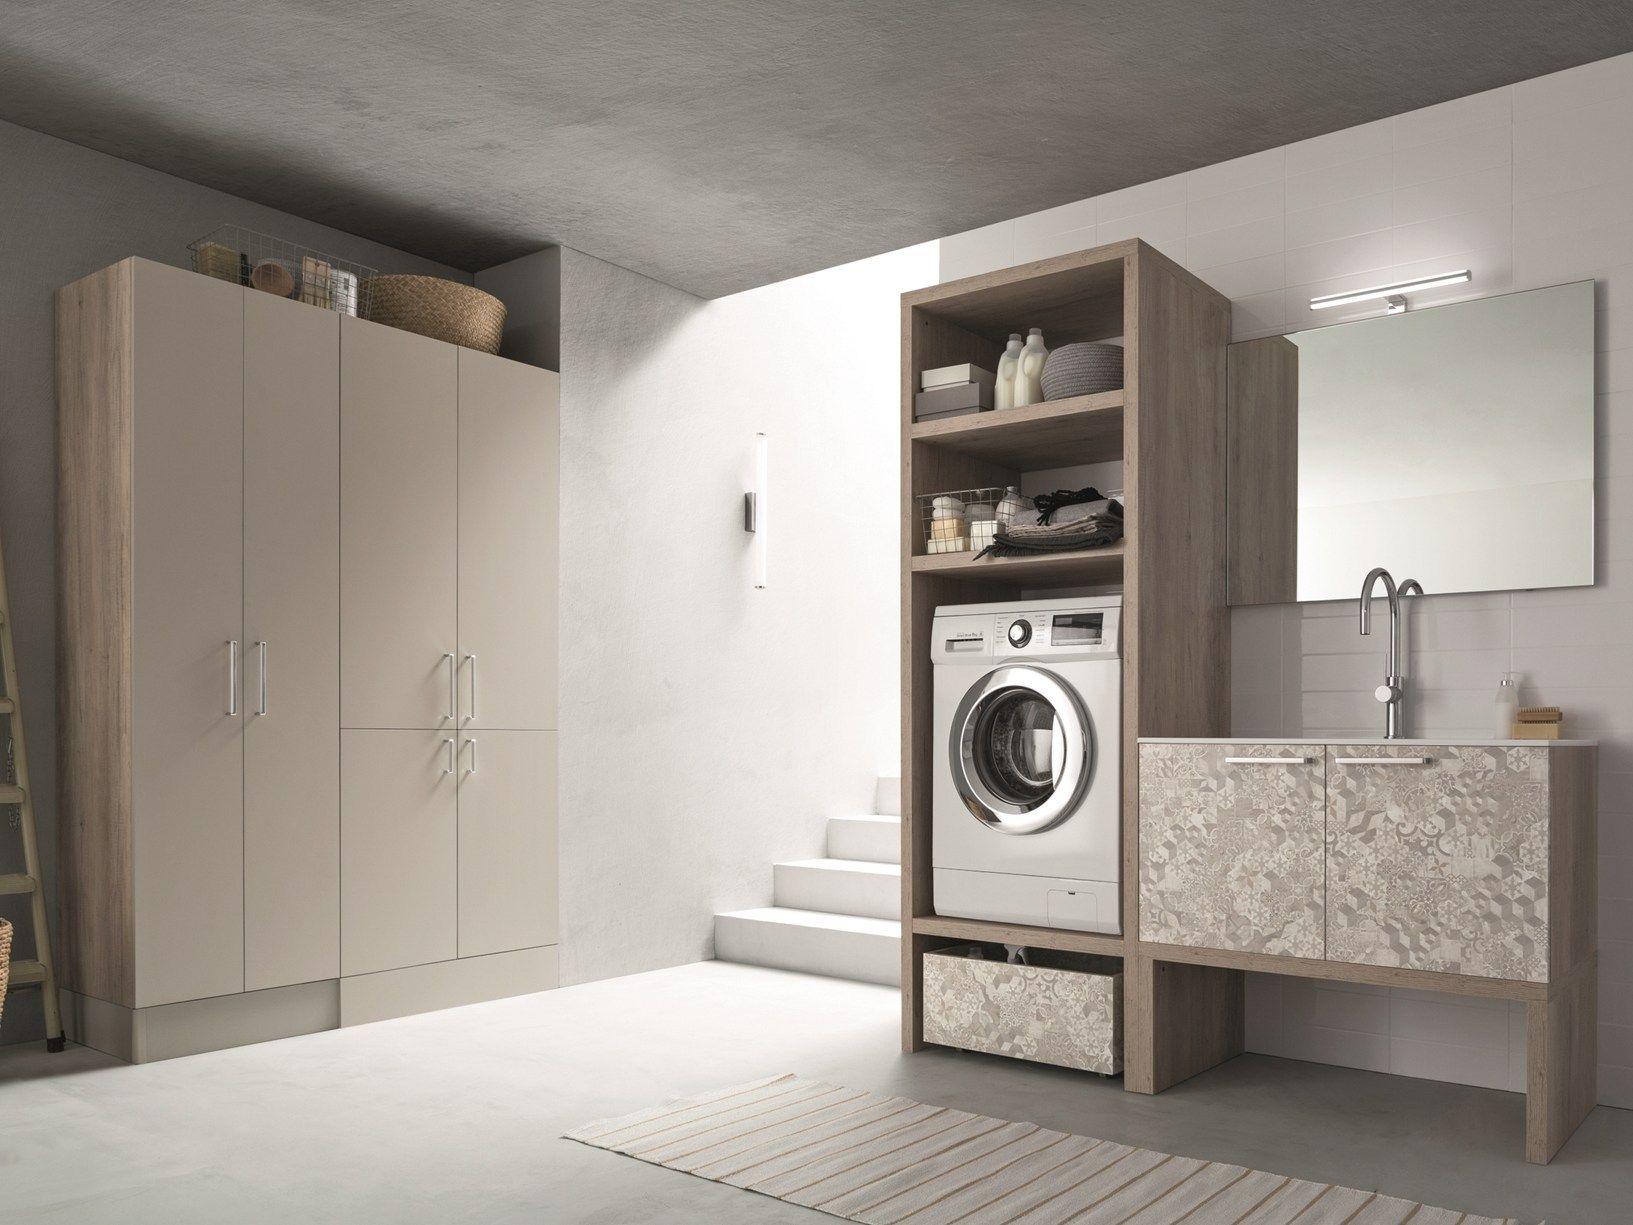 Arblu presenta il progetto lavanderia - Accessori lavanderia casa ...